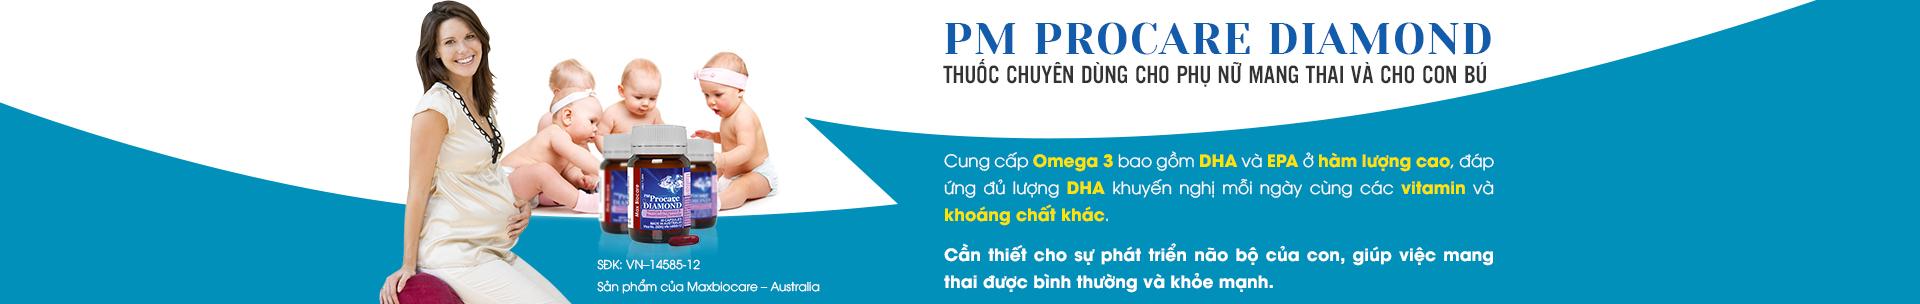 Đại lý bán Procare tại Hải Hậu, Nam Định